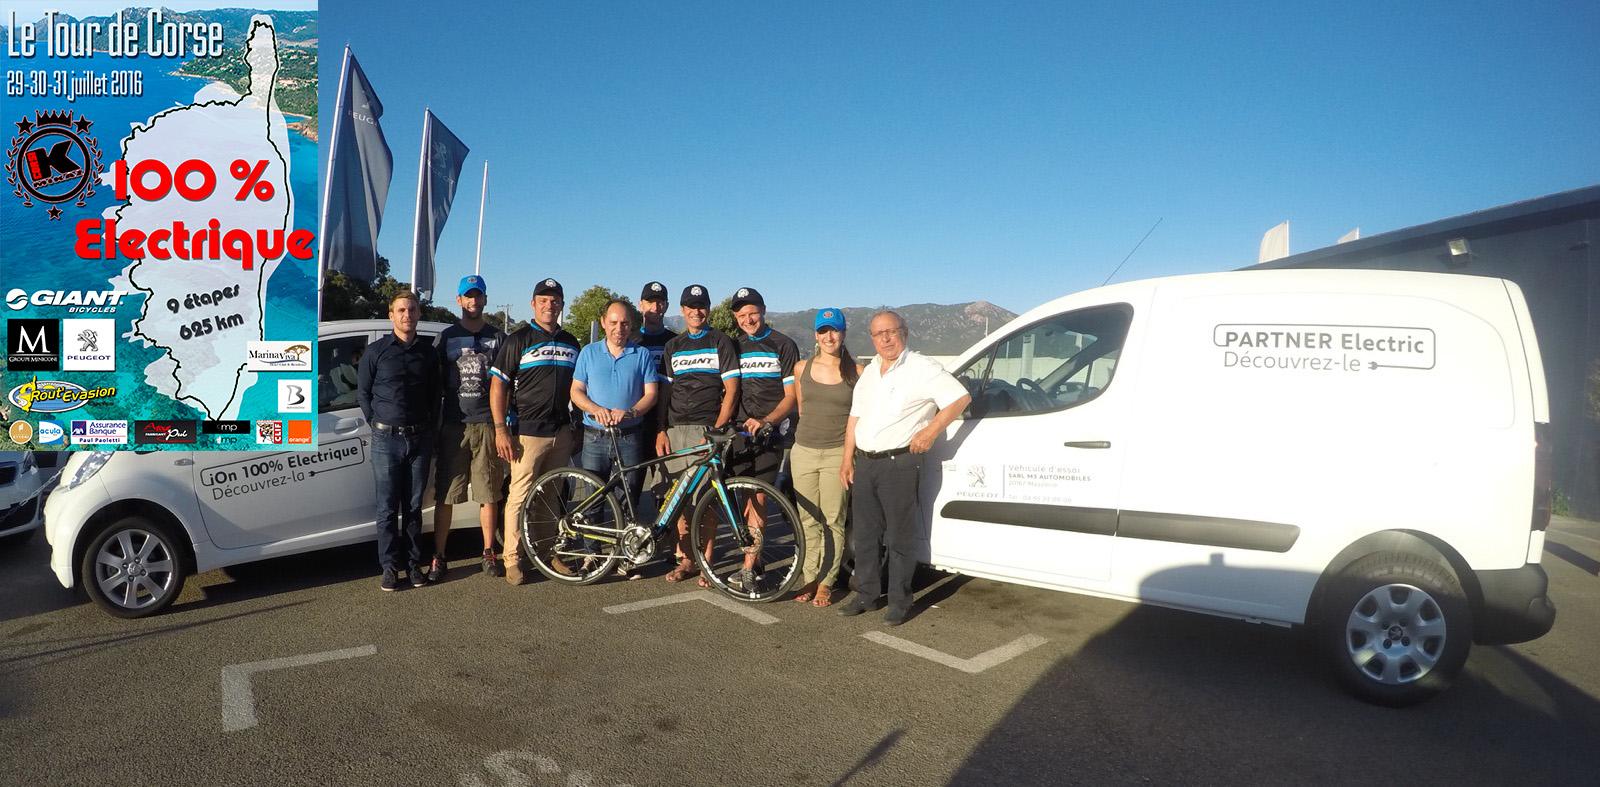 Première mondiale : Des vélos 100% électriques pour un tour de Corse inédit du 29 au 31 juillet !